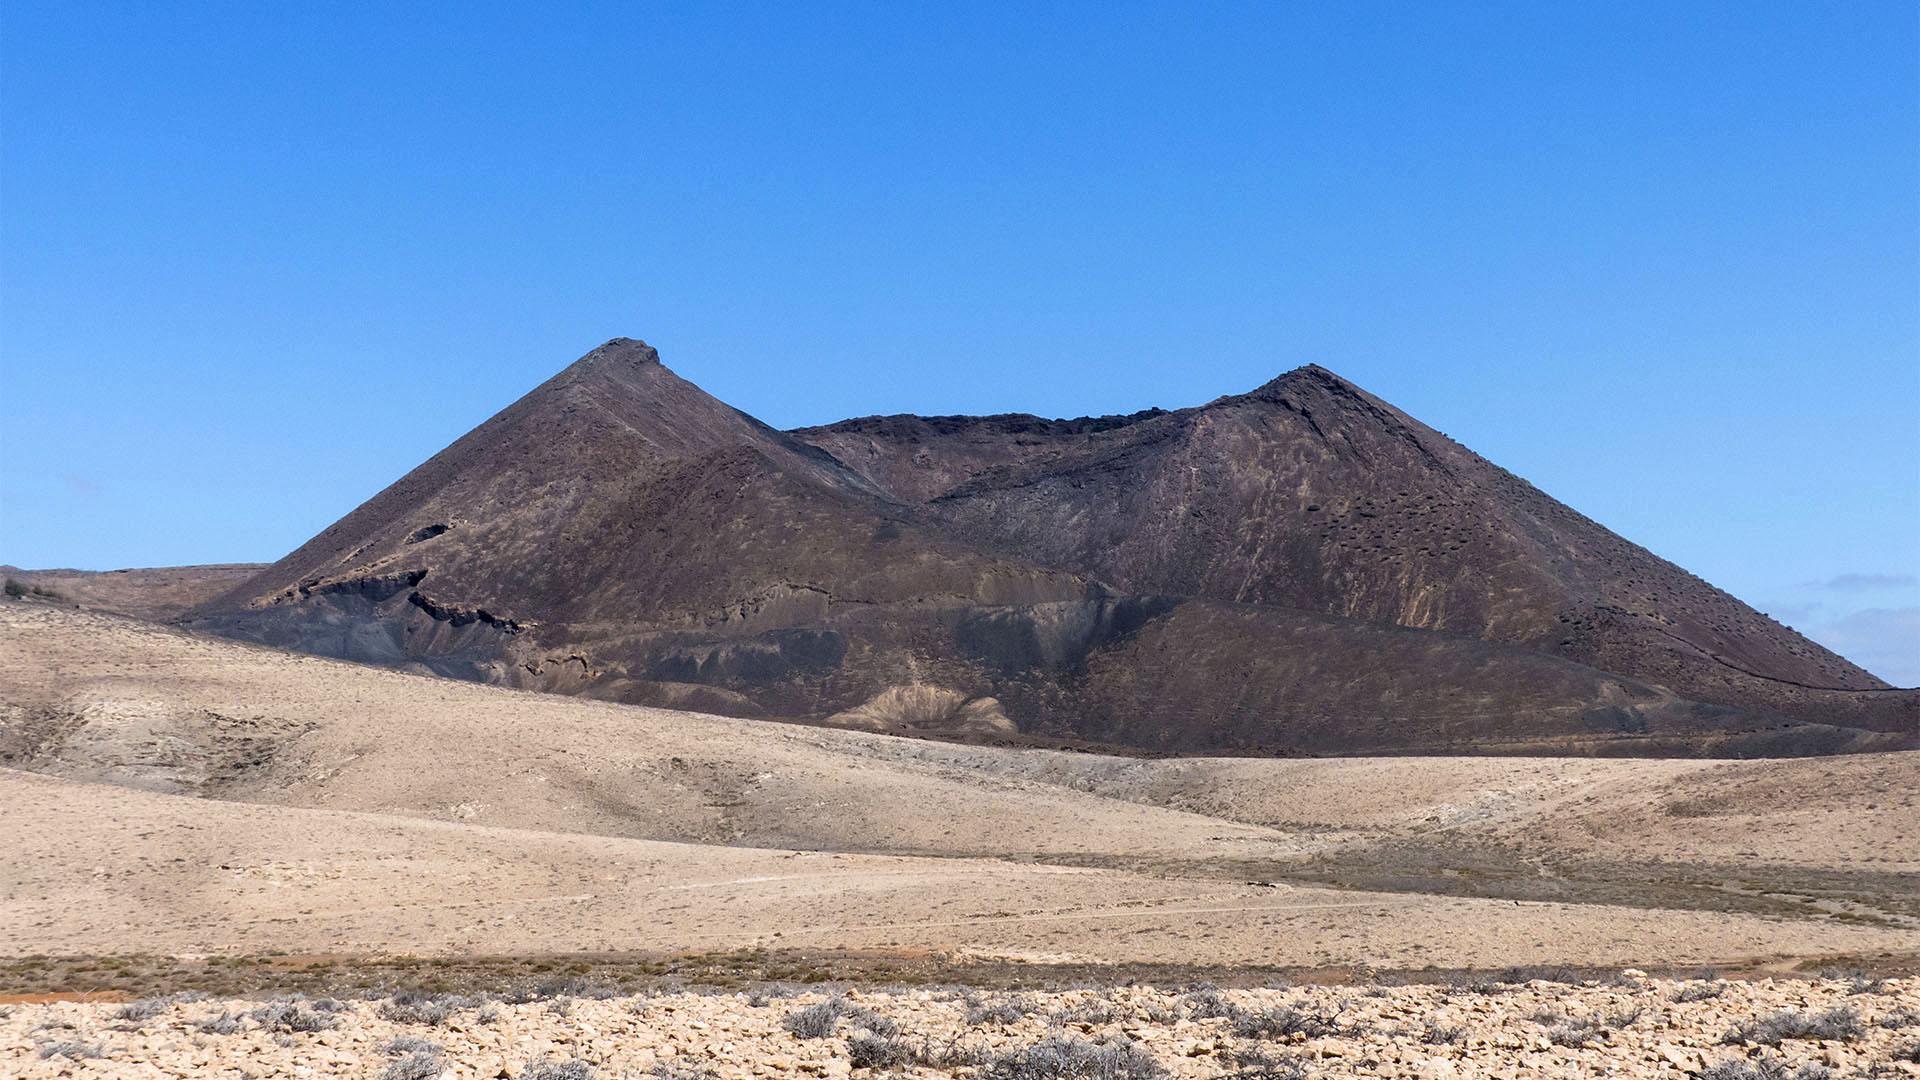 Der alte Vulkankegel Caldera de Gairía bei Agua de Bueyes Fuerteventura.